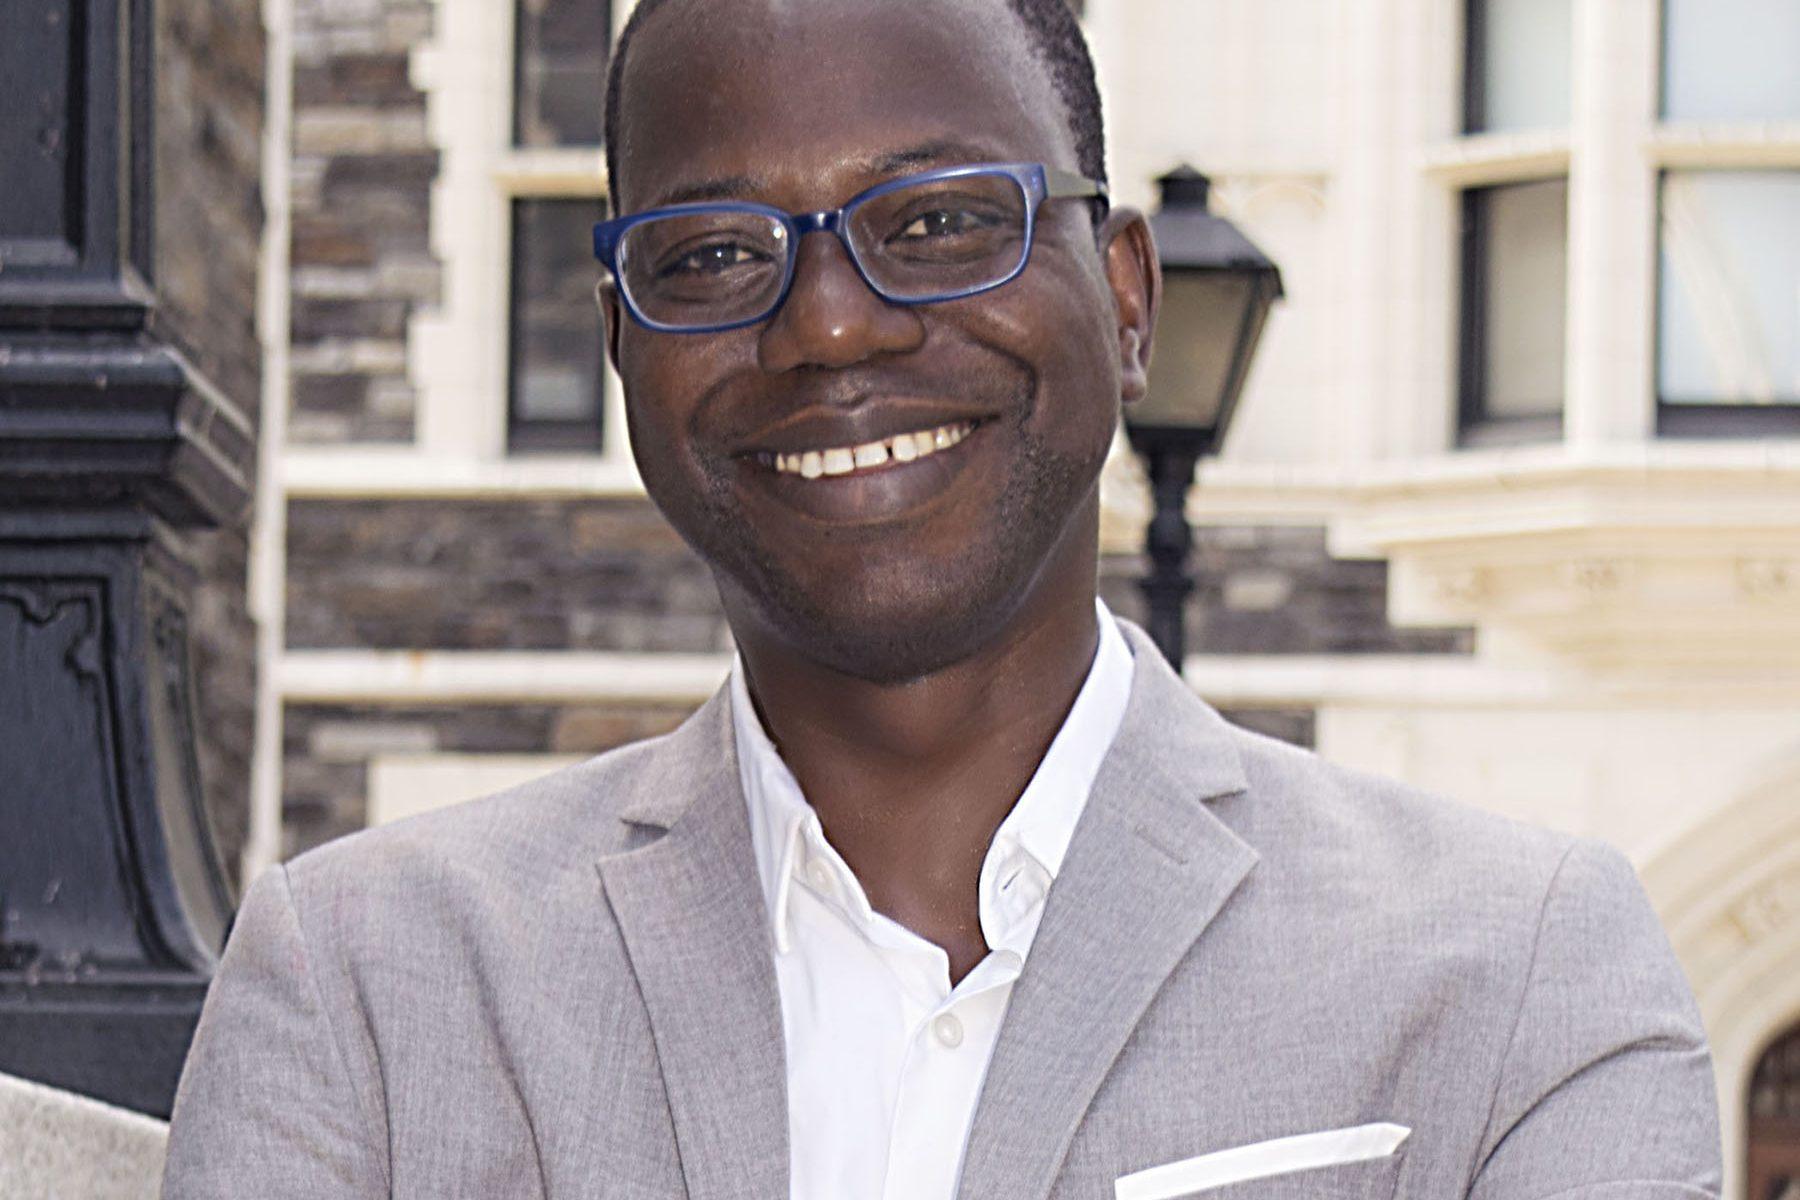 """Cinéma burkinabé : """" Les films d'Idrissa Ouédraogo font partie du corpus de films africains que j'enseigne régulièrement à mes étudiants américains"""" (Dr Boukary Sawadogo)"""